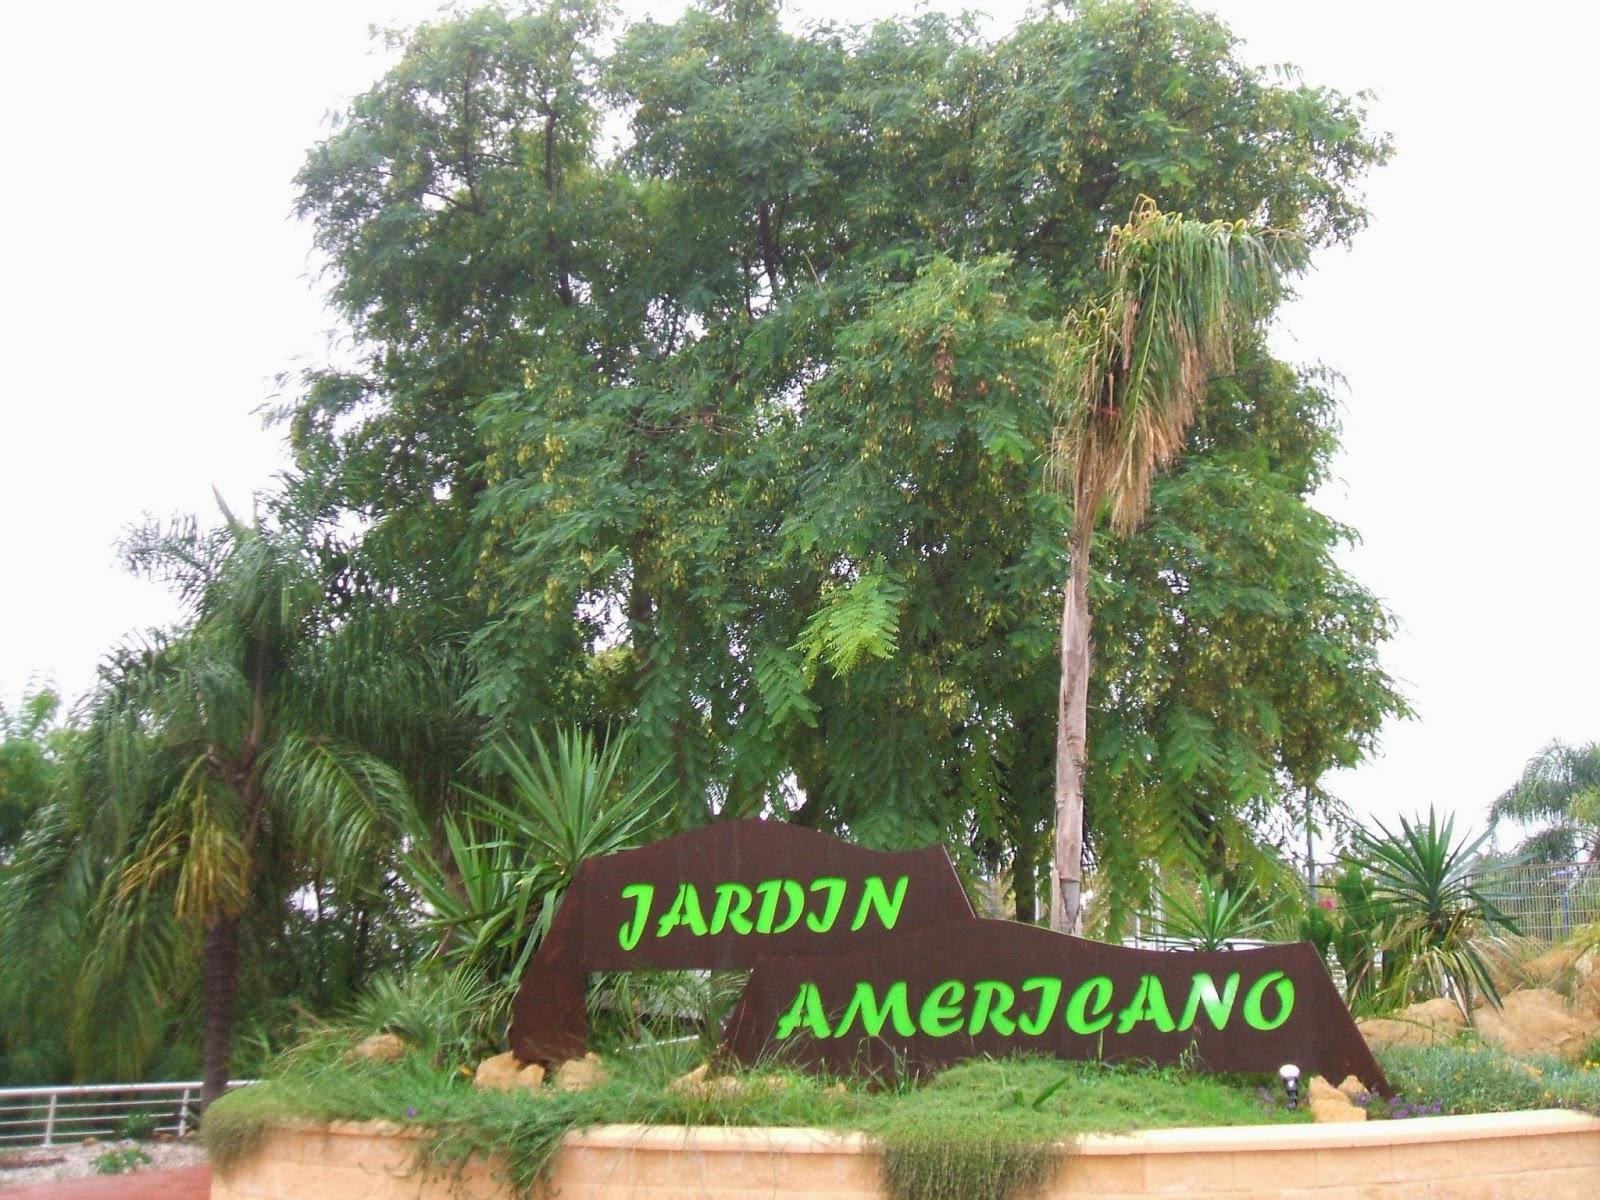 Gel n noticias la plataforma por los parques los for Jardin americano sevilla